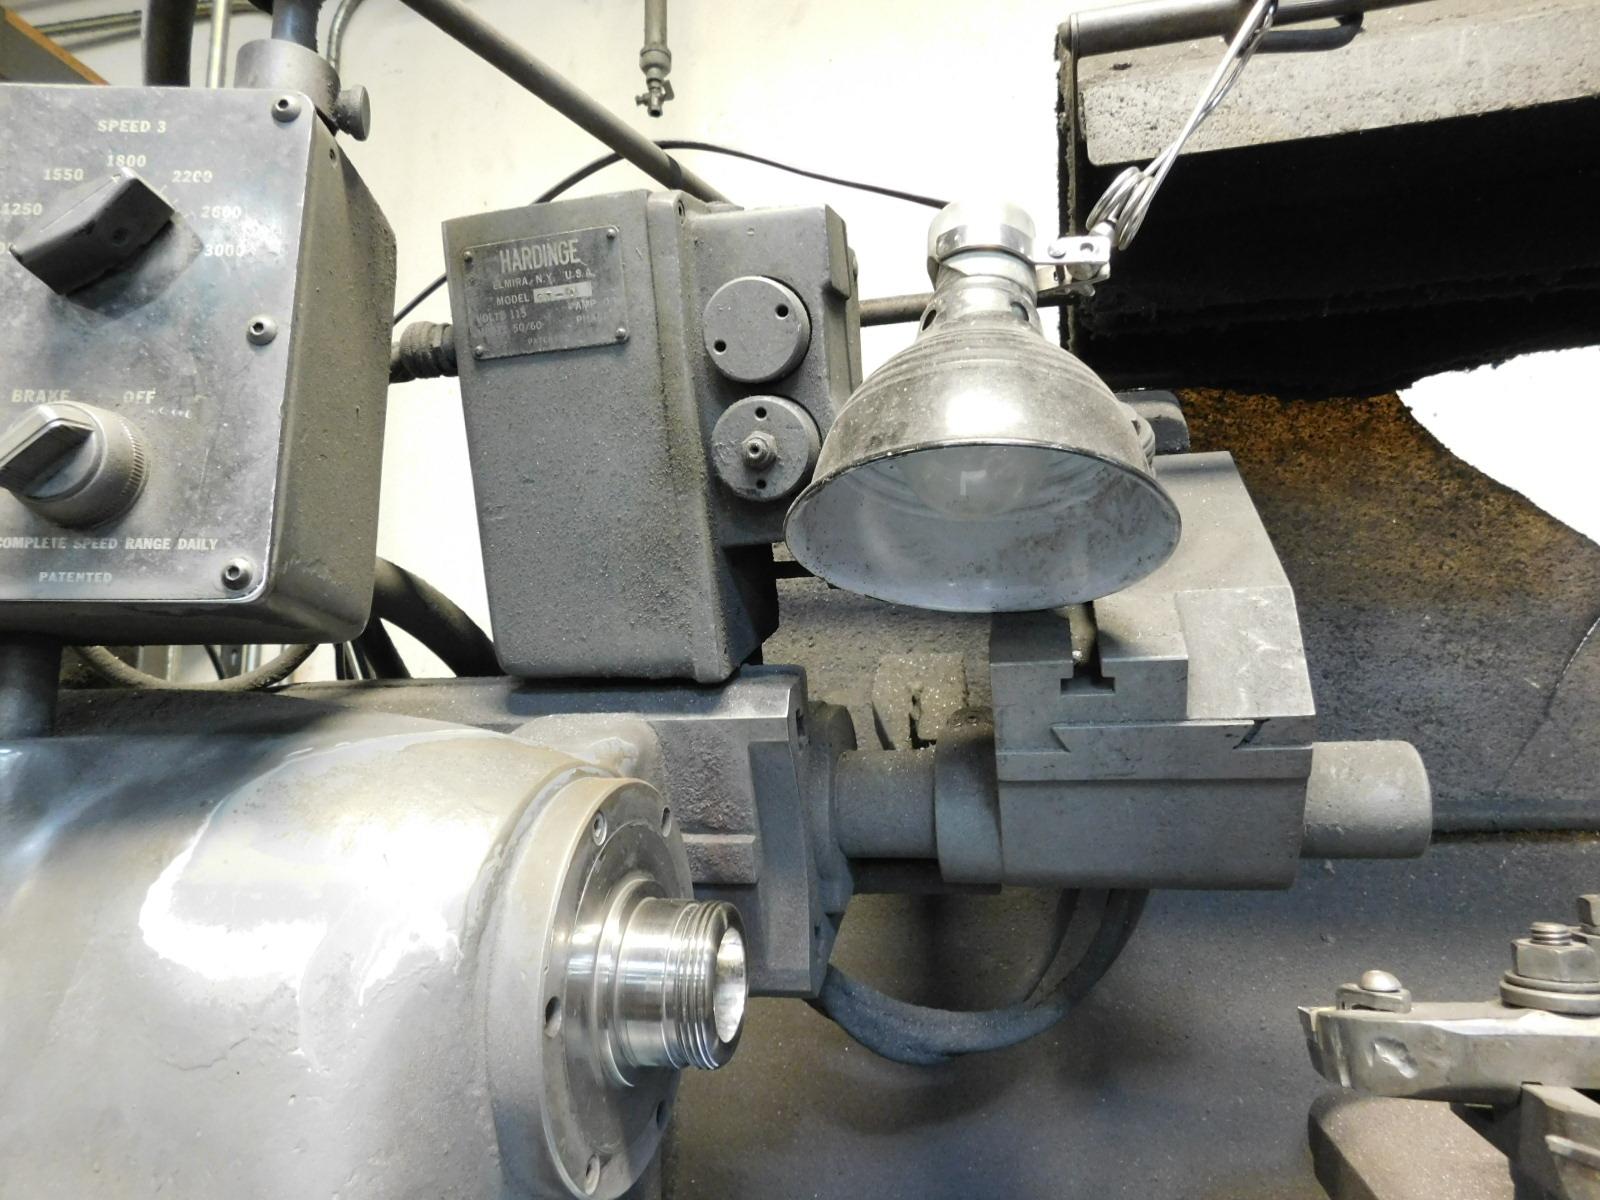 HARDINGE MODEL HC AUTOMATIC CHUCKING LATHE, S/N HC-4354-P - Image 5 of 8